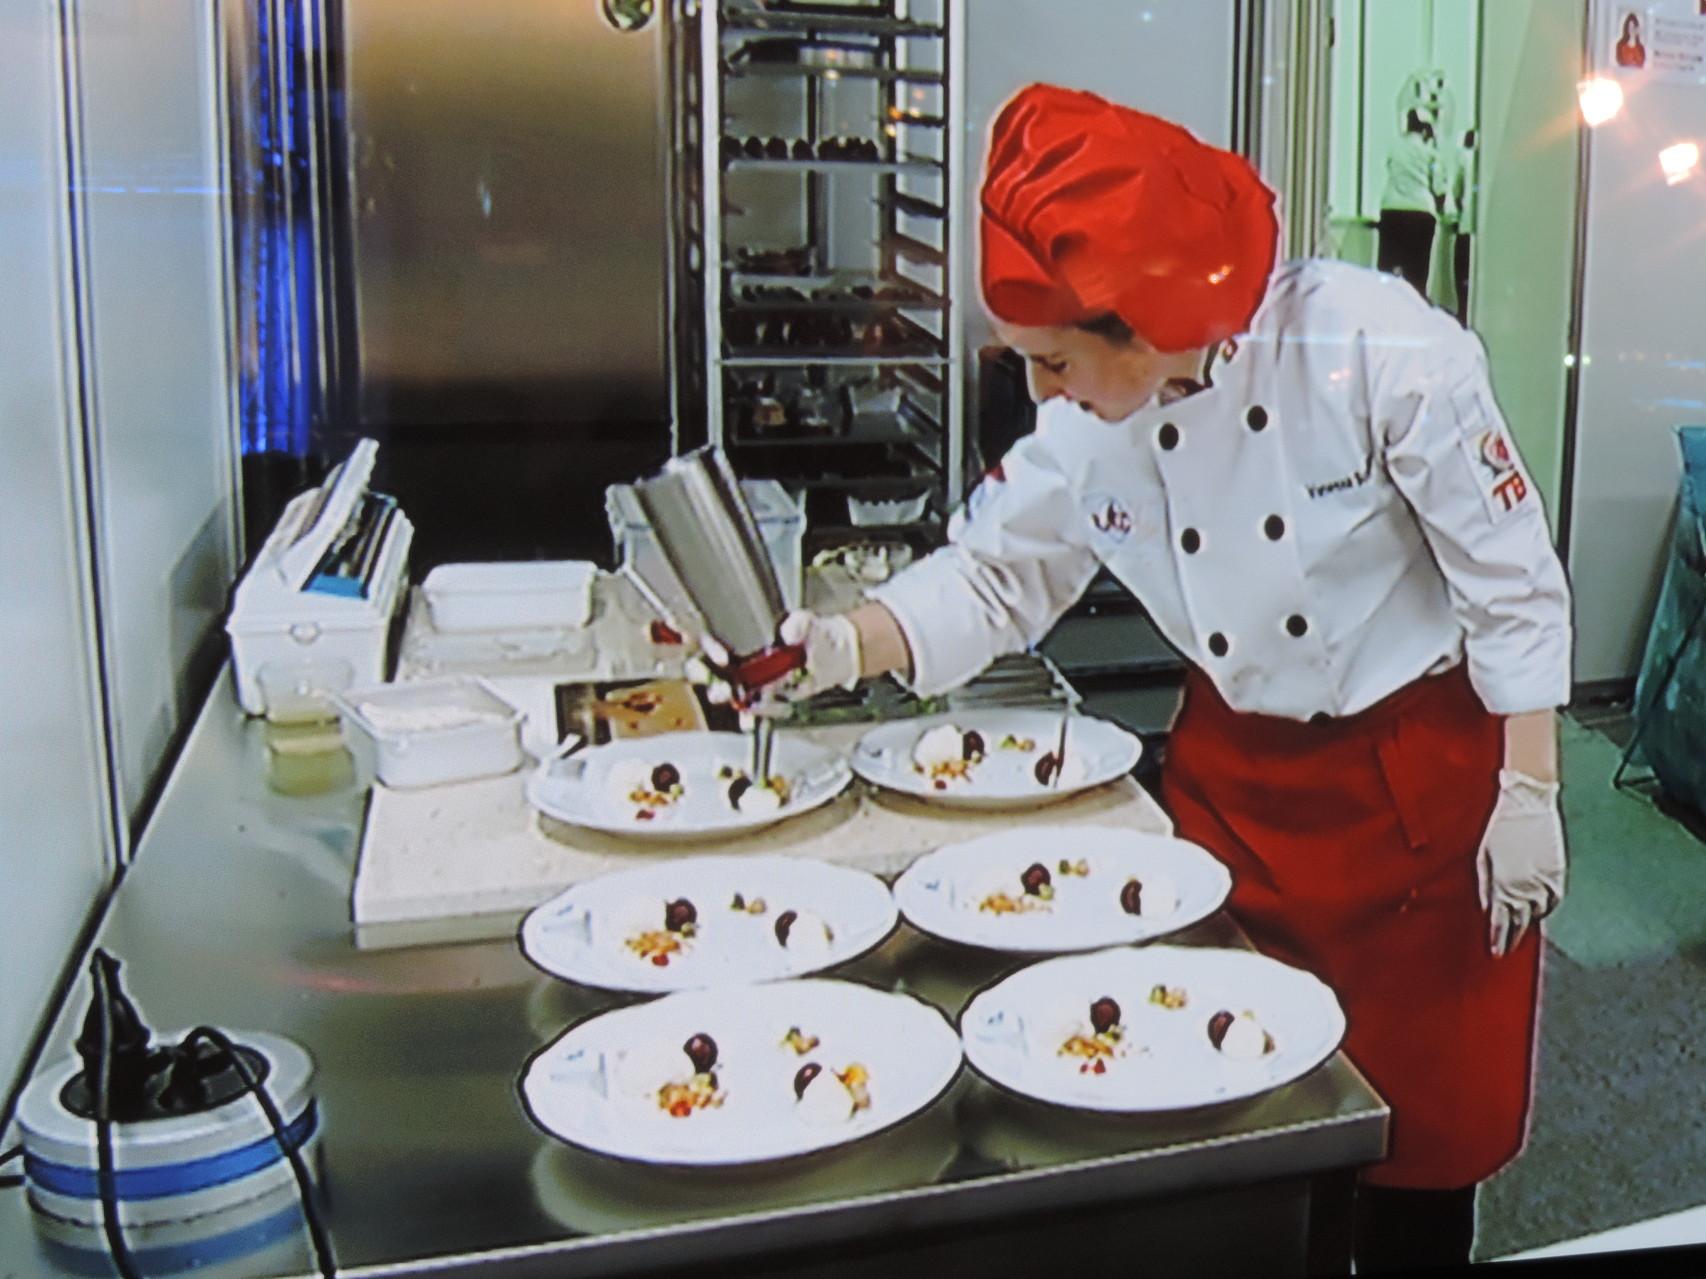 Anrichten des Desserttellers auf die Minute genau.